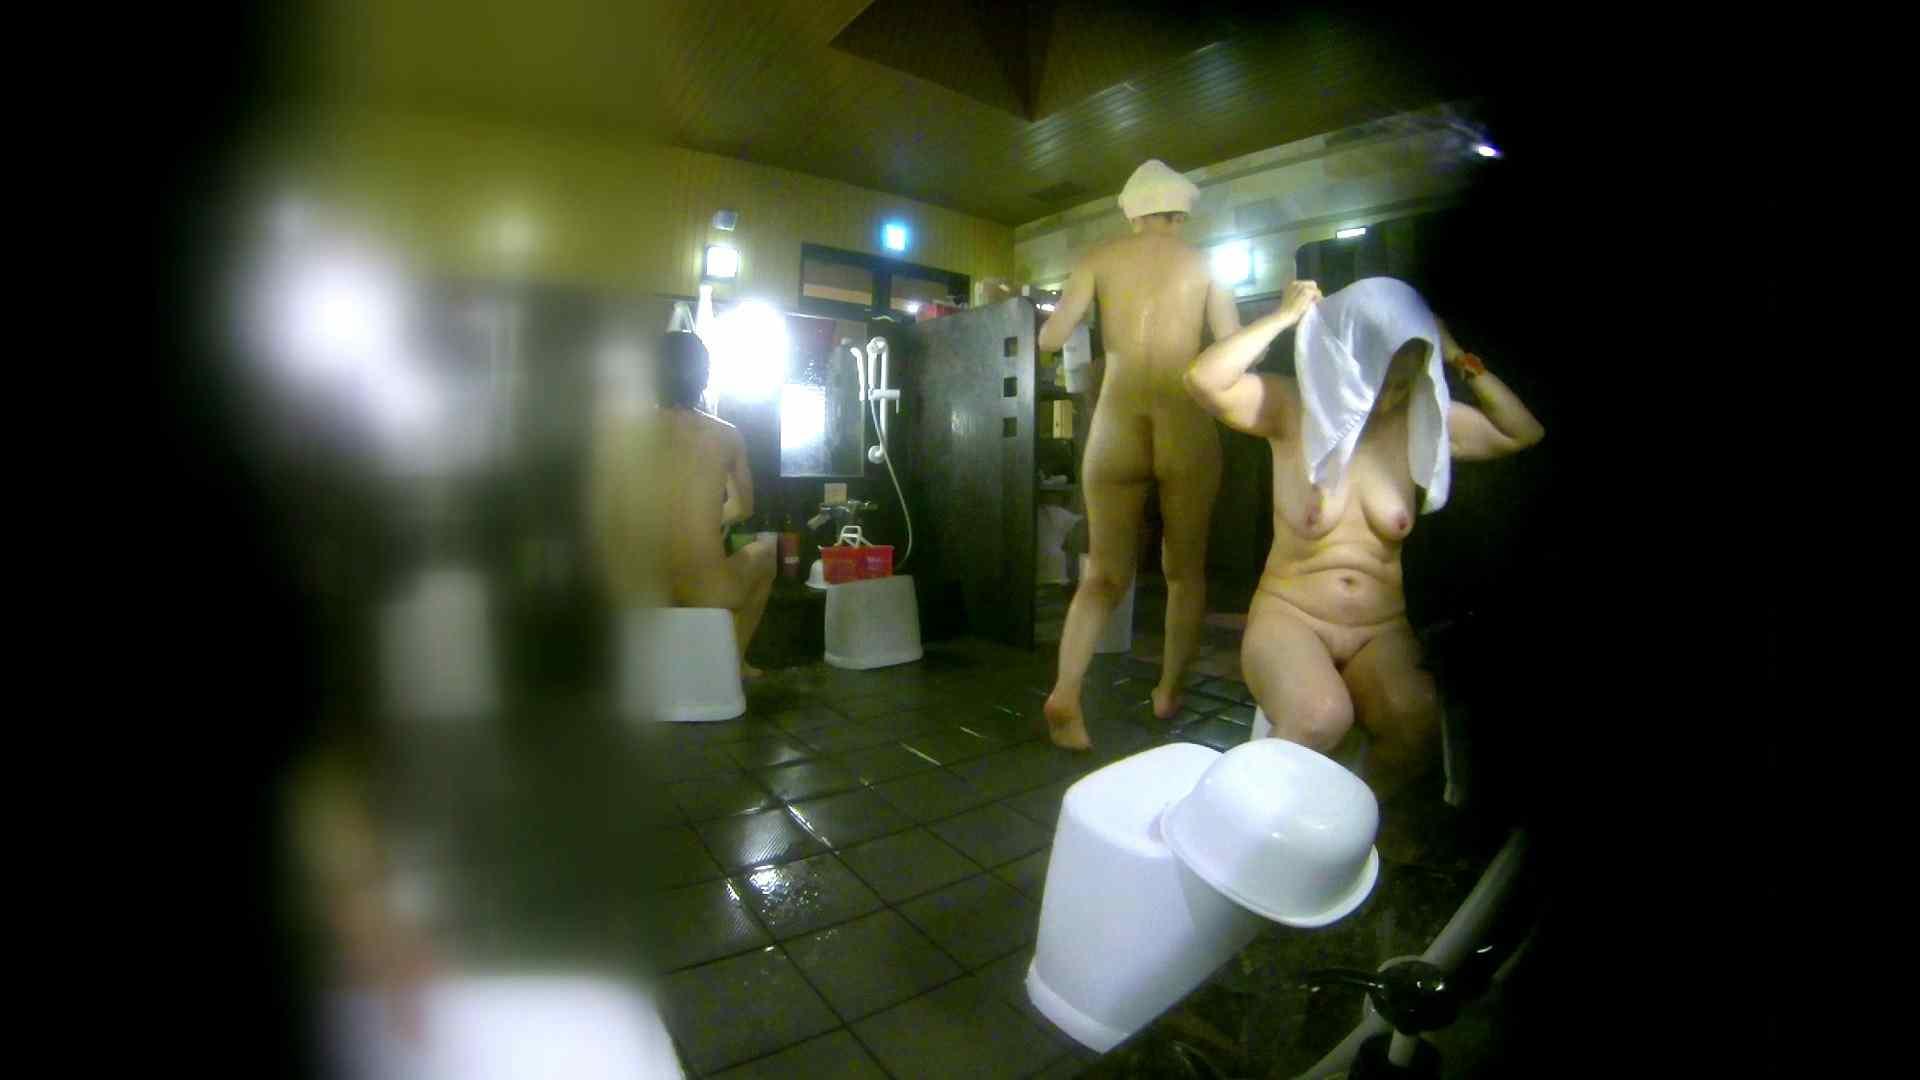 洗い場!右足の位置がいいですね。陰毛もっさり! 銭湯のぞき | 女湯の中  74画像 22